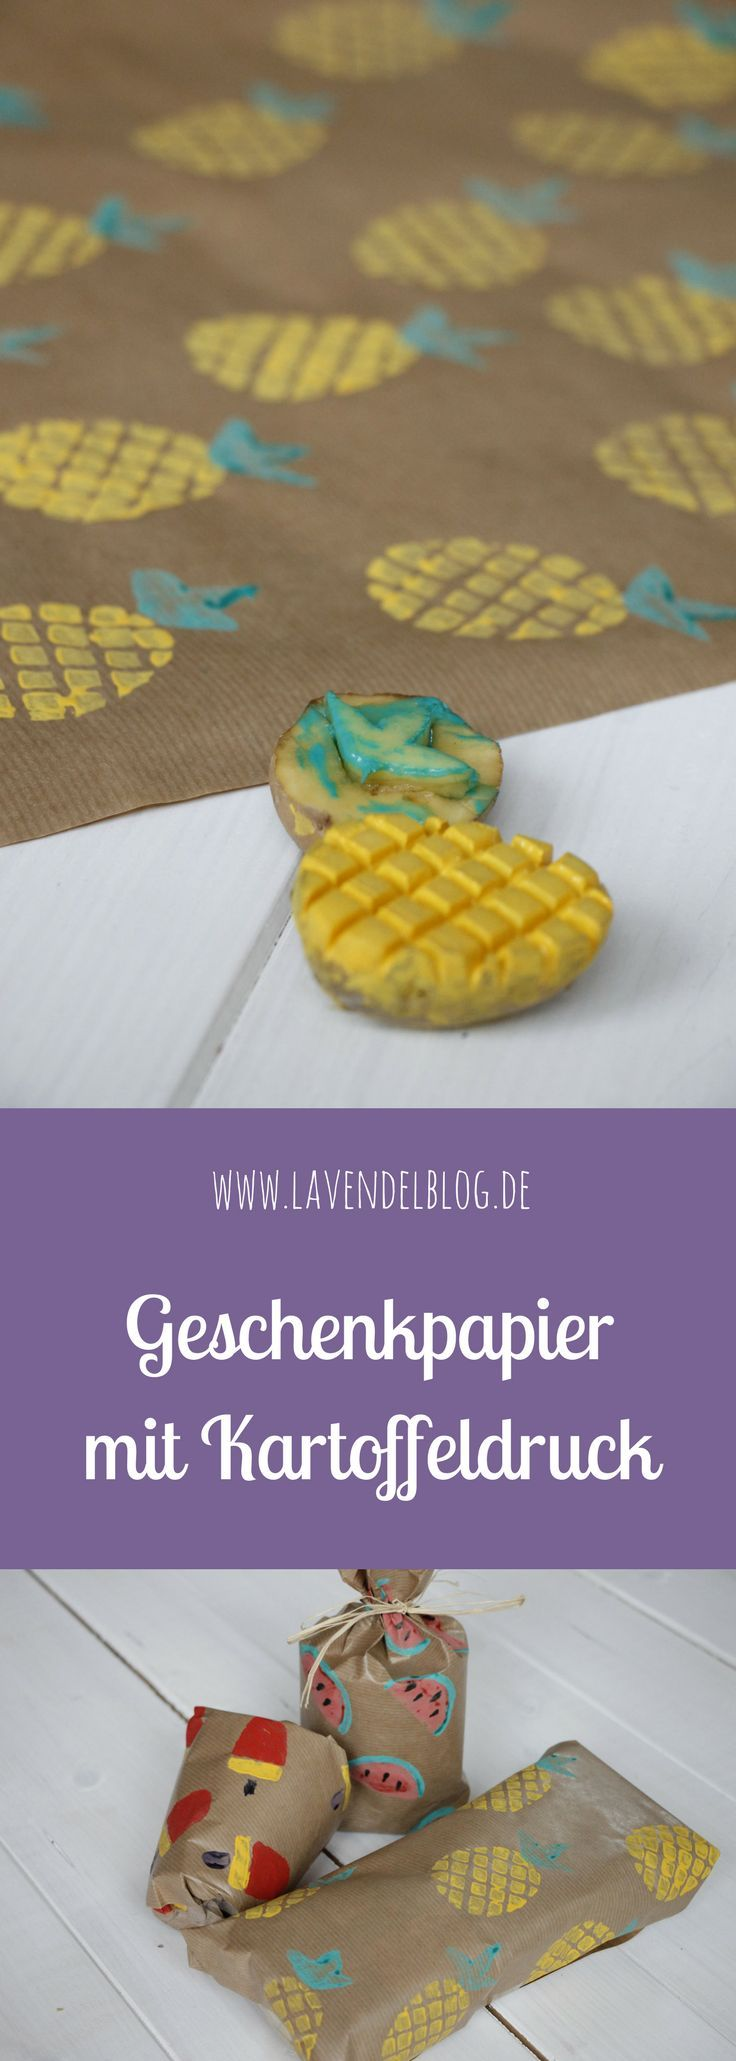 DIY-Idee: Geschenkpapier mit Kartoffeldruck selbermachen - Lavendelblog